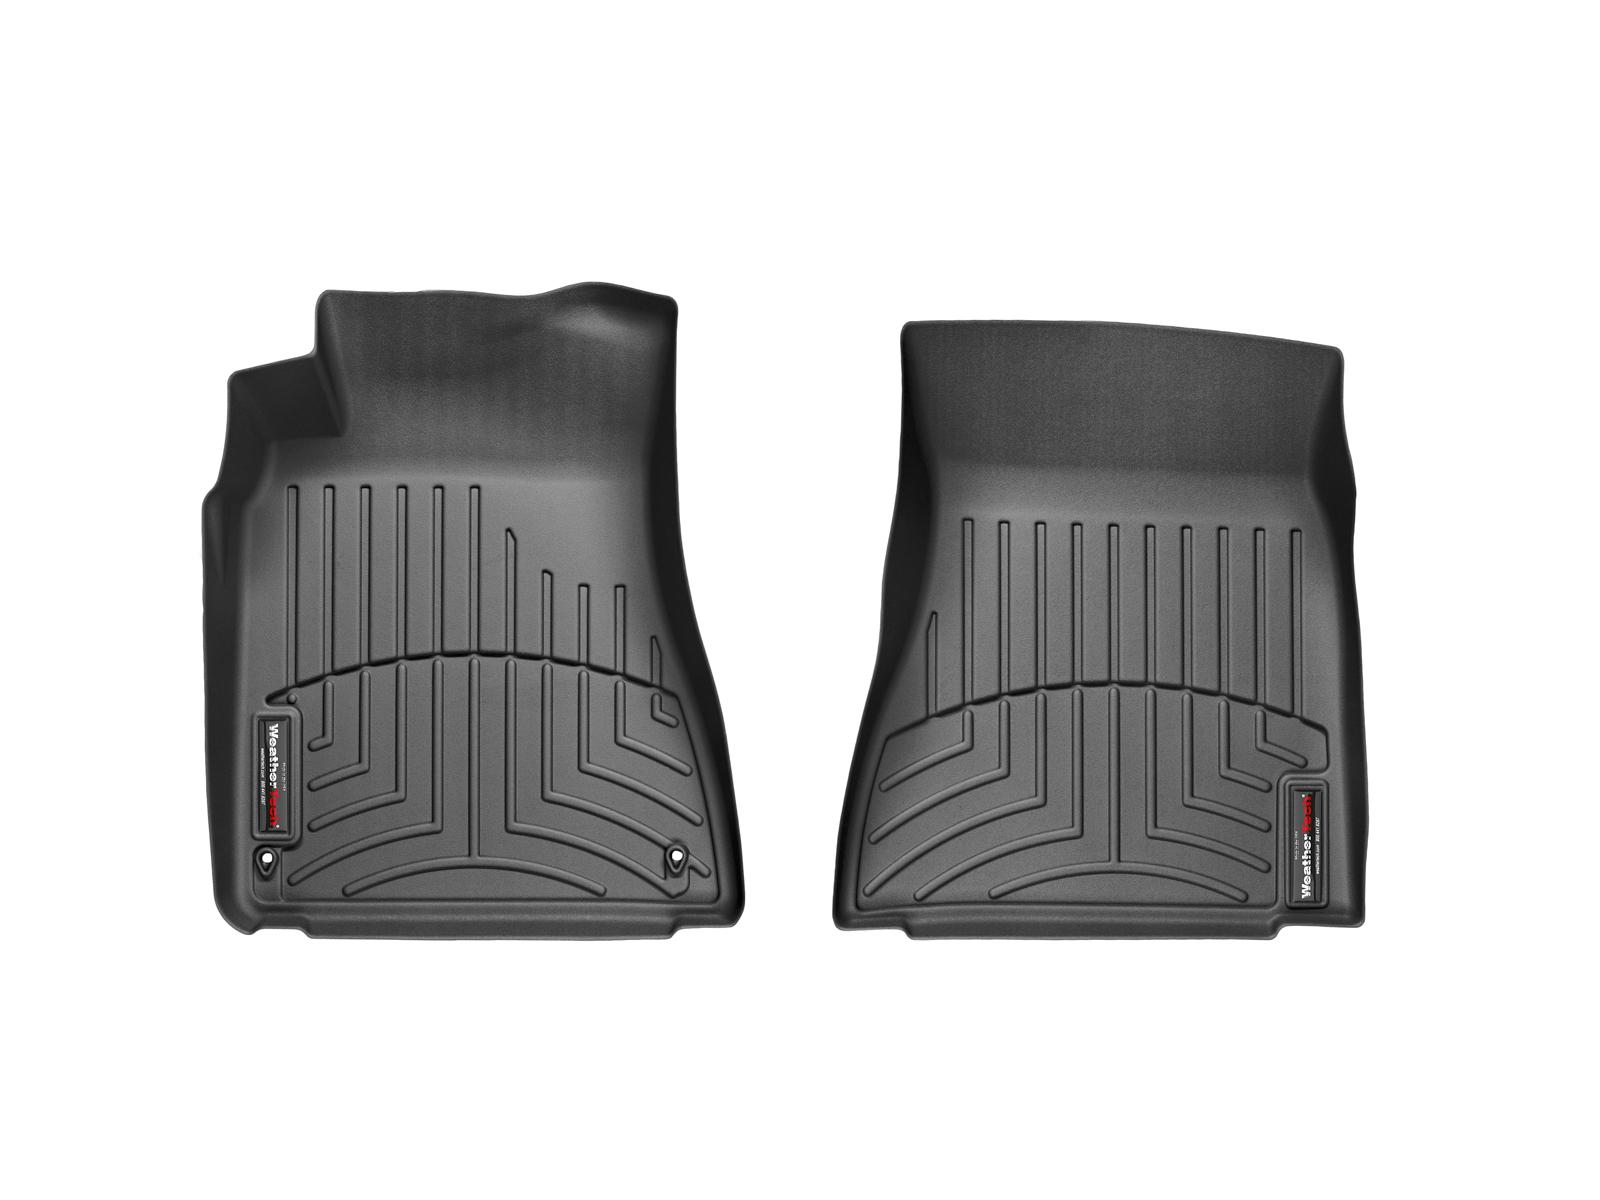 Tappeti gomma su misura bordo alto Lexus IS 13>13 Nero A2058